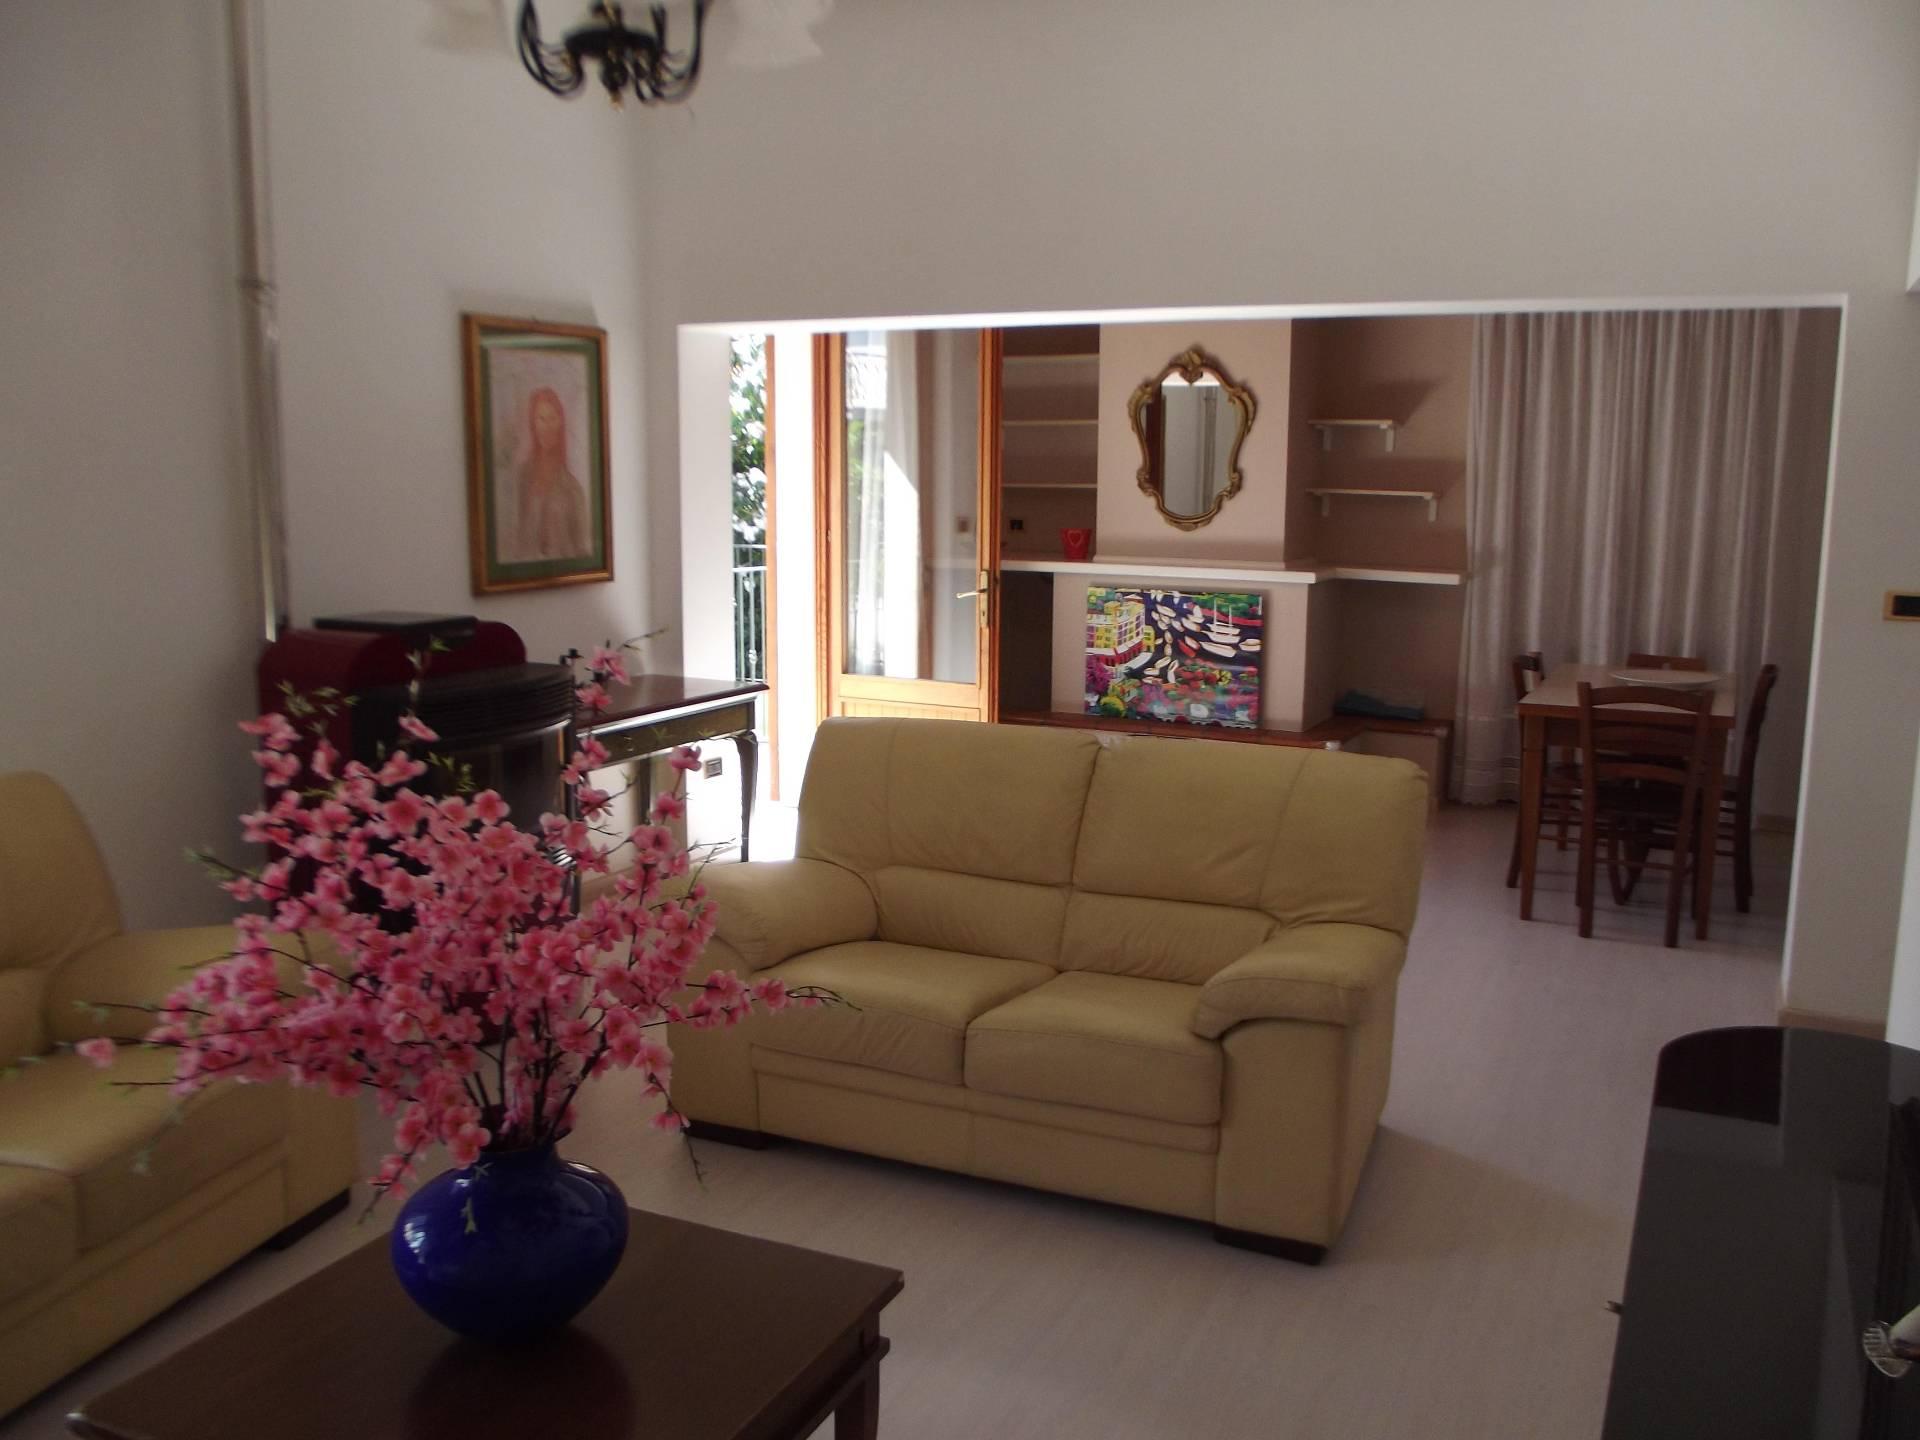 Villa in vendita a Tortoreto, 4 locali, zona Località: TortoretoLido, prezzo € 260.000 | CambioCasa.it